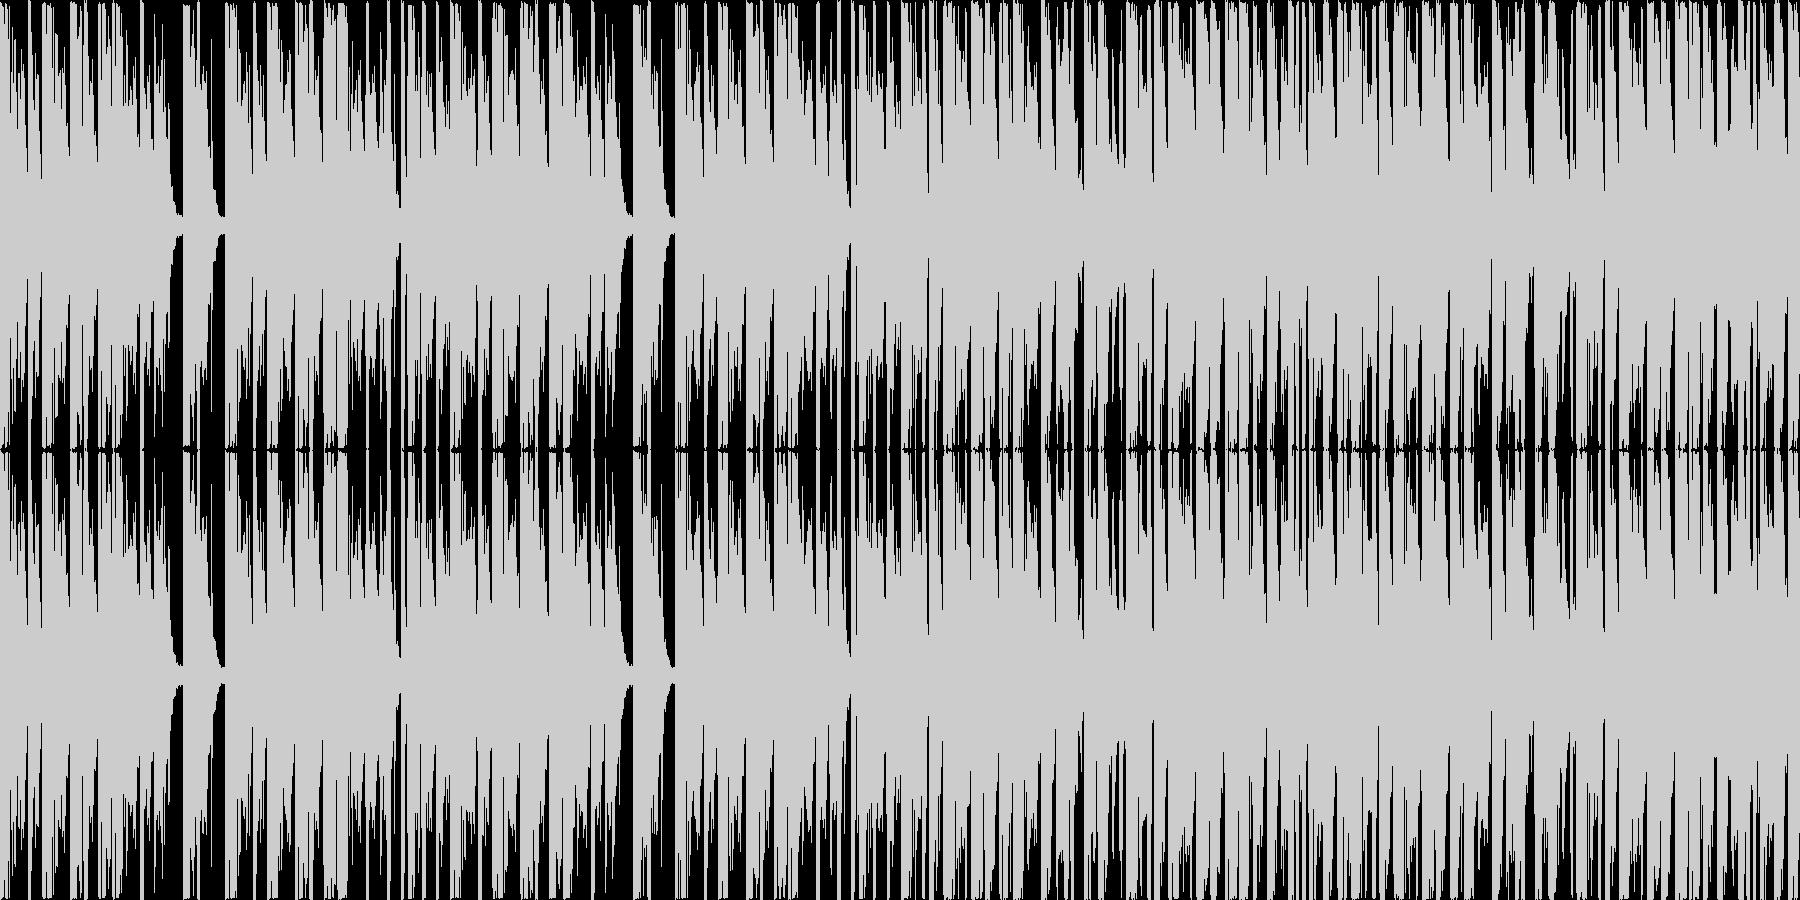 ダンジョンっぽいBGMの未再生の波形